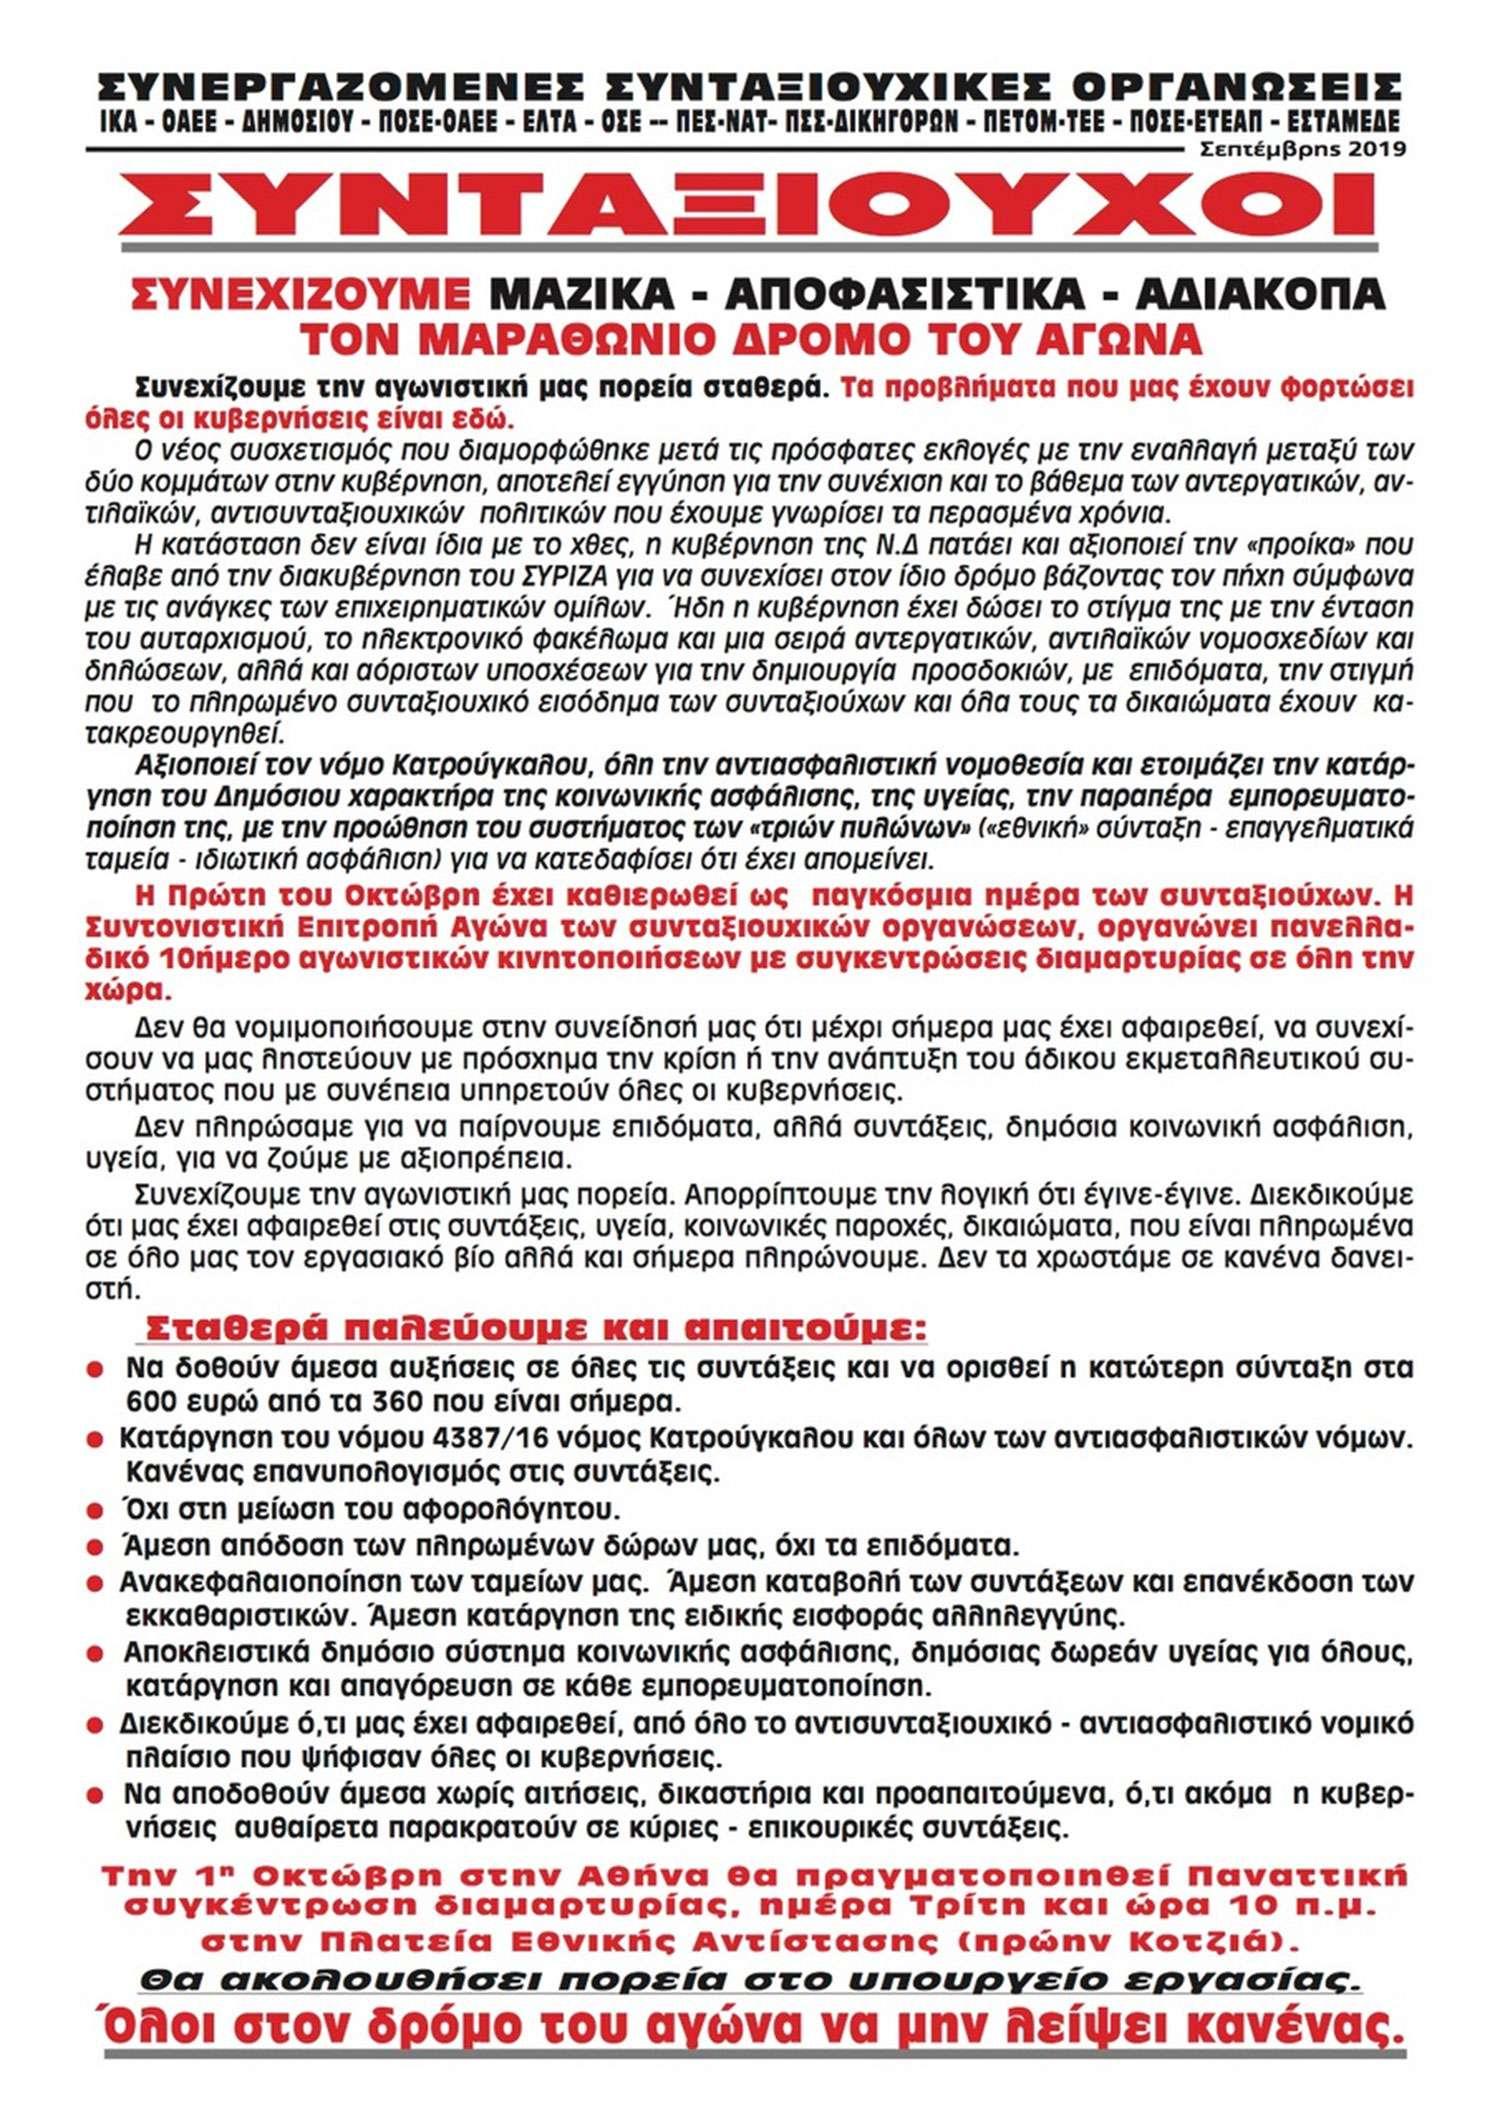 10ήμερο αγωνιστικής δράσης συνταξιούχων ανακοίνωση 1-10-2019